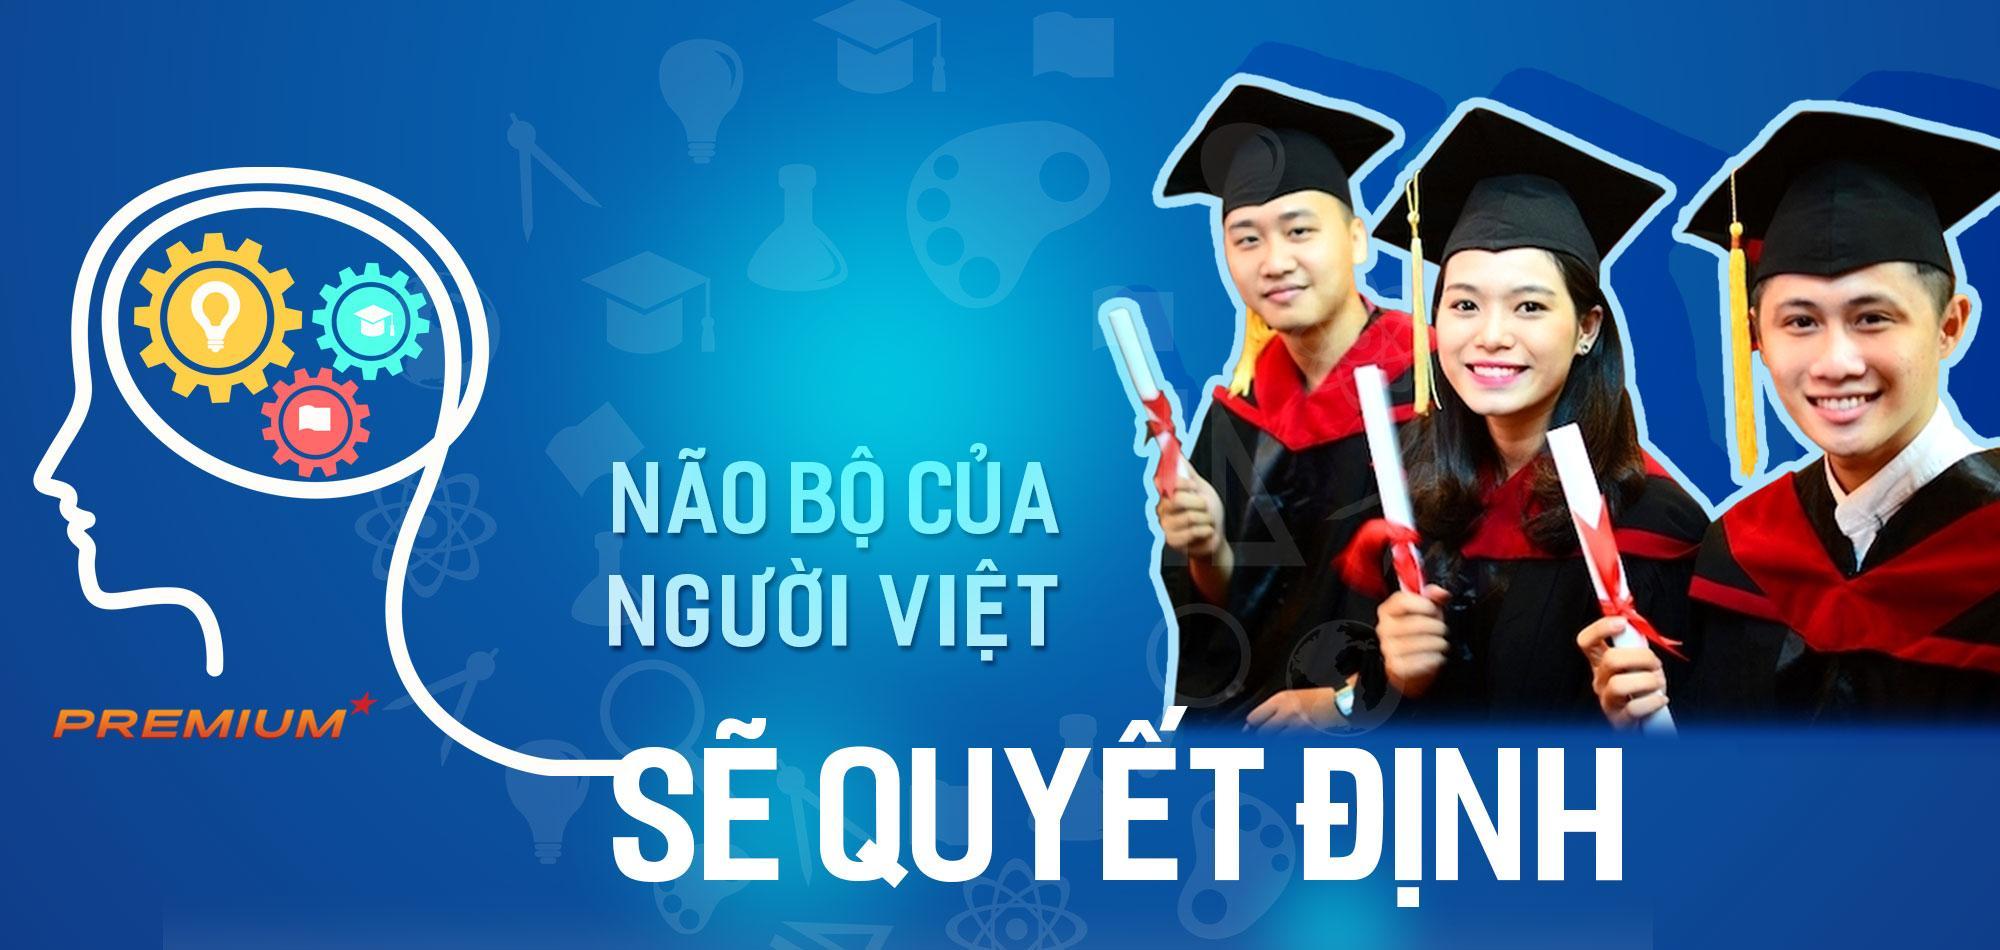 Não bộ của người Việt sẽ quyết định